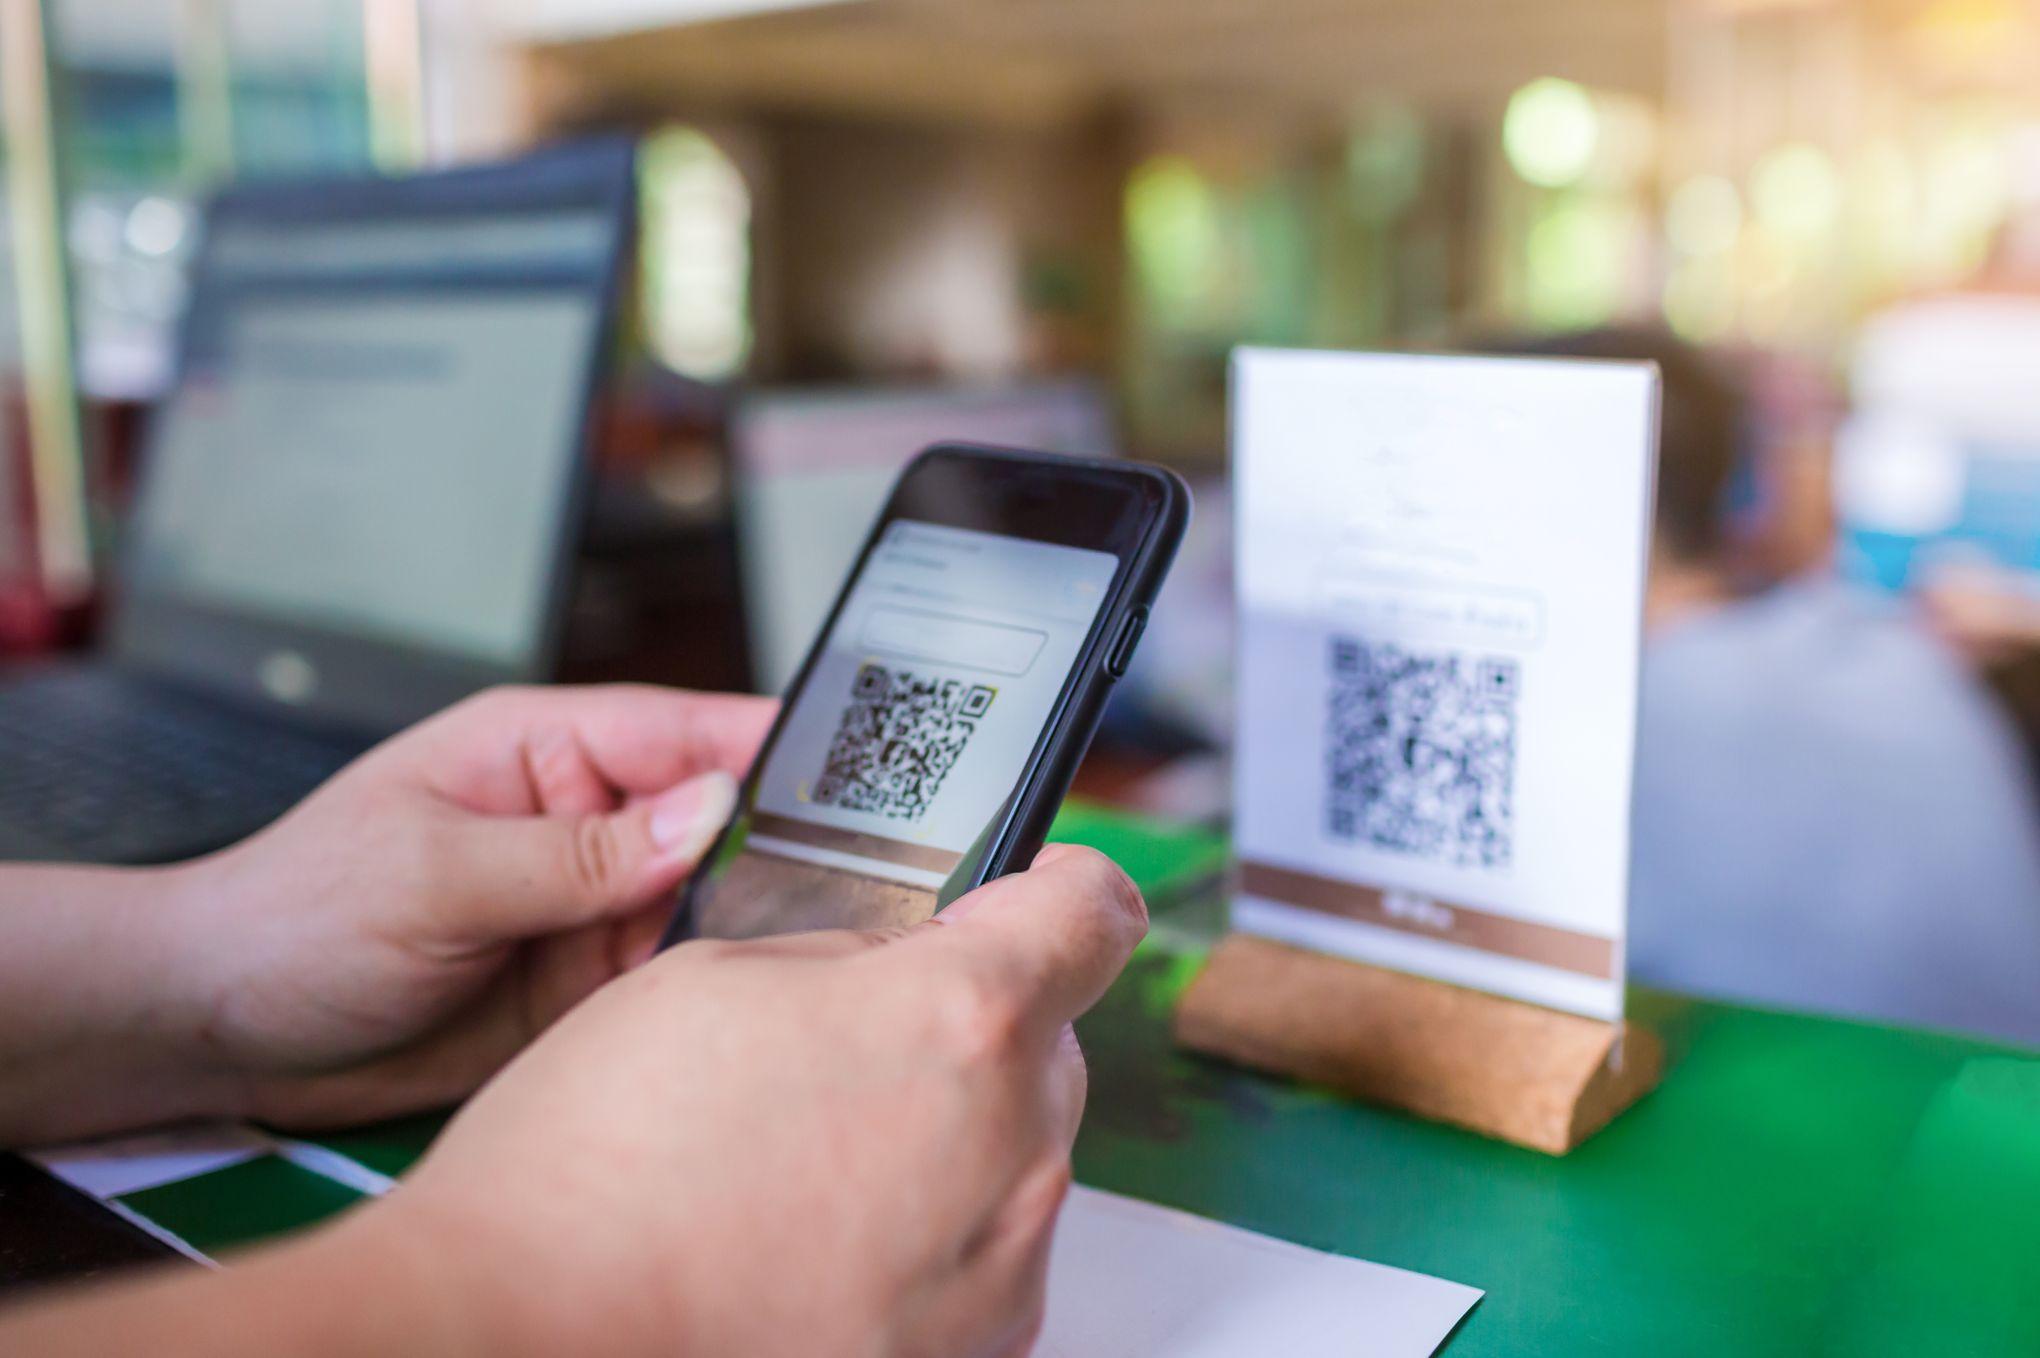 Comment scanner un QR code avec un iPhone?